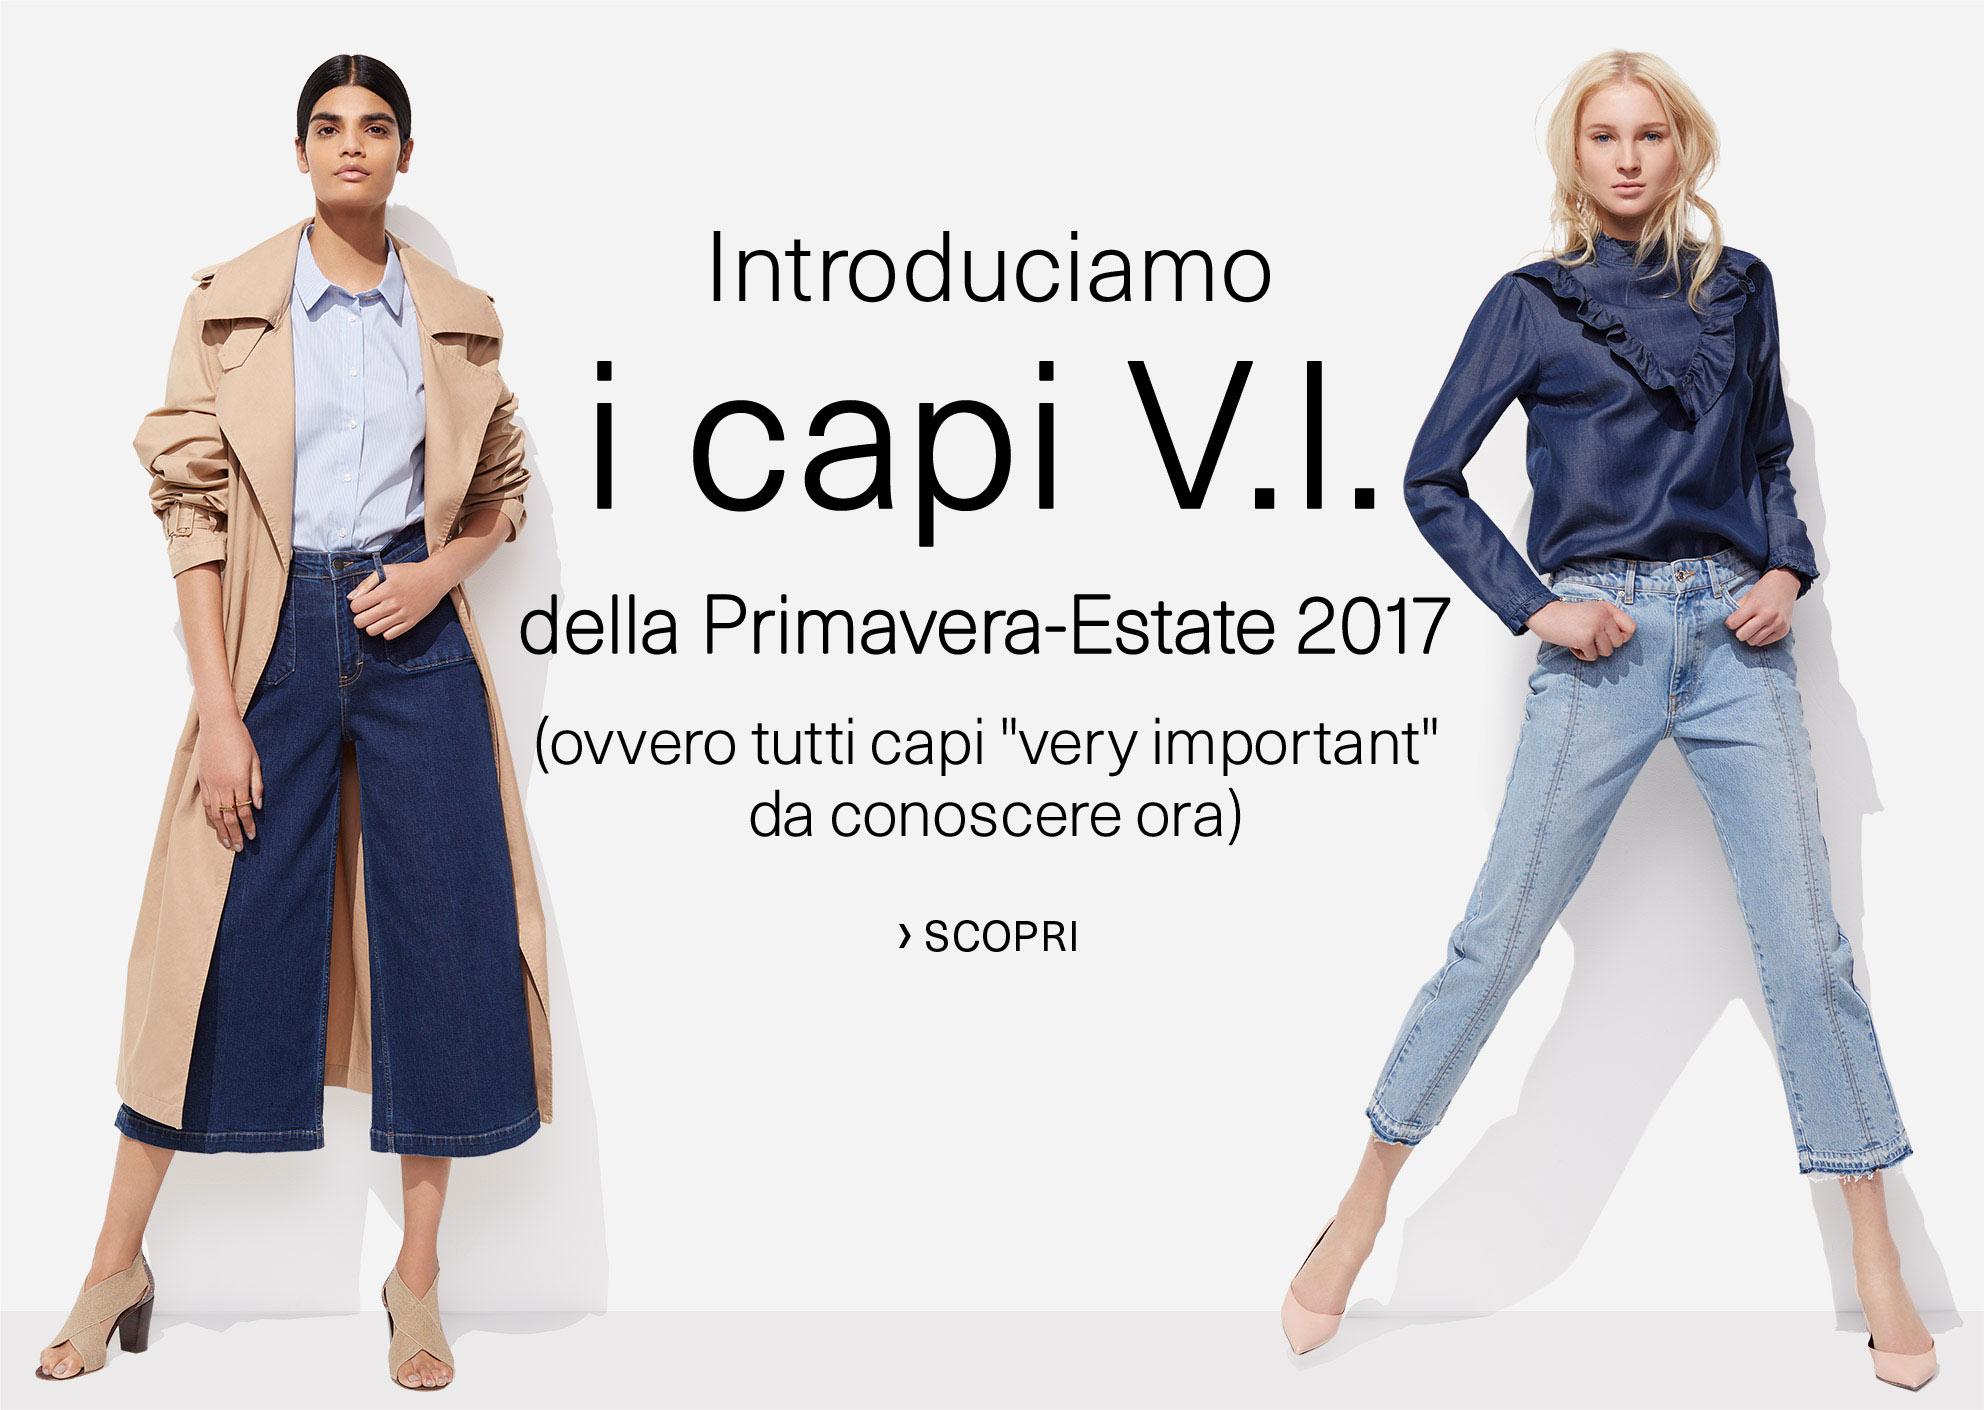 I Capi V.I.